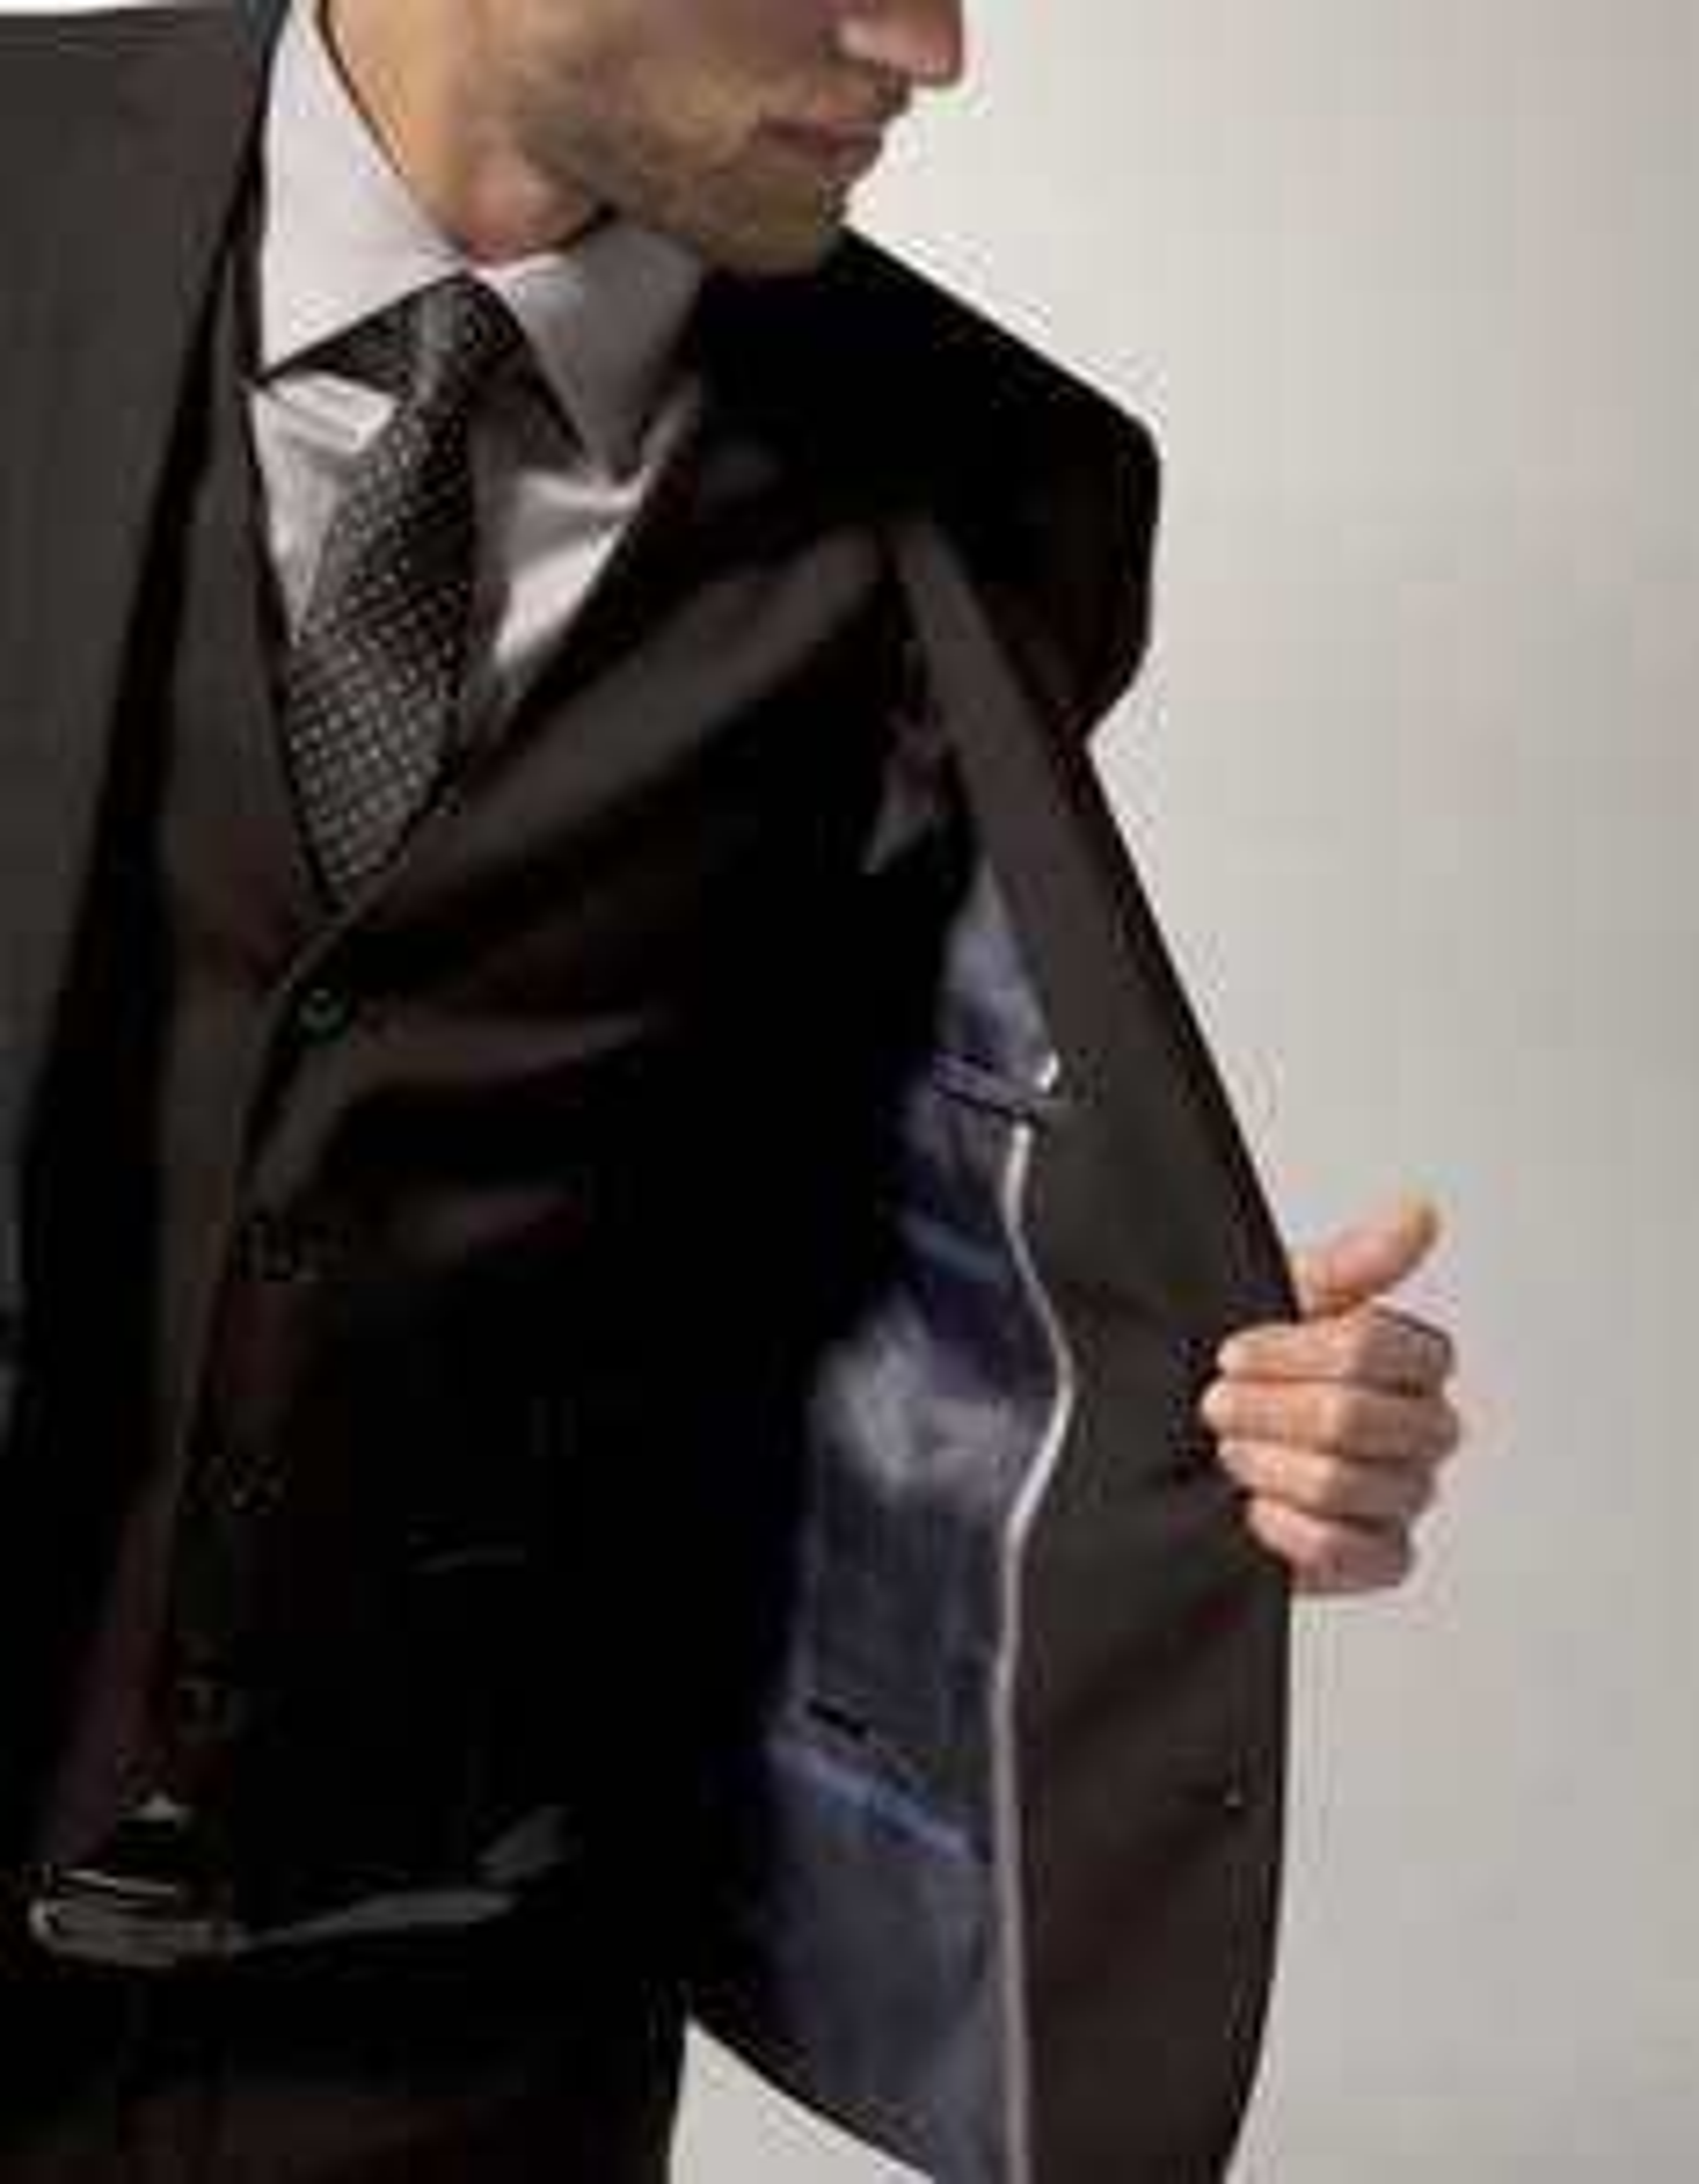 Veste coupe droite - Noir, 2 boutons